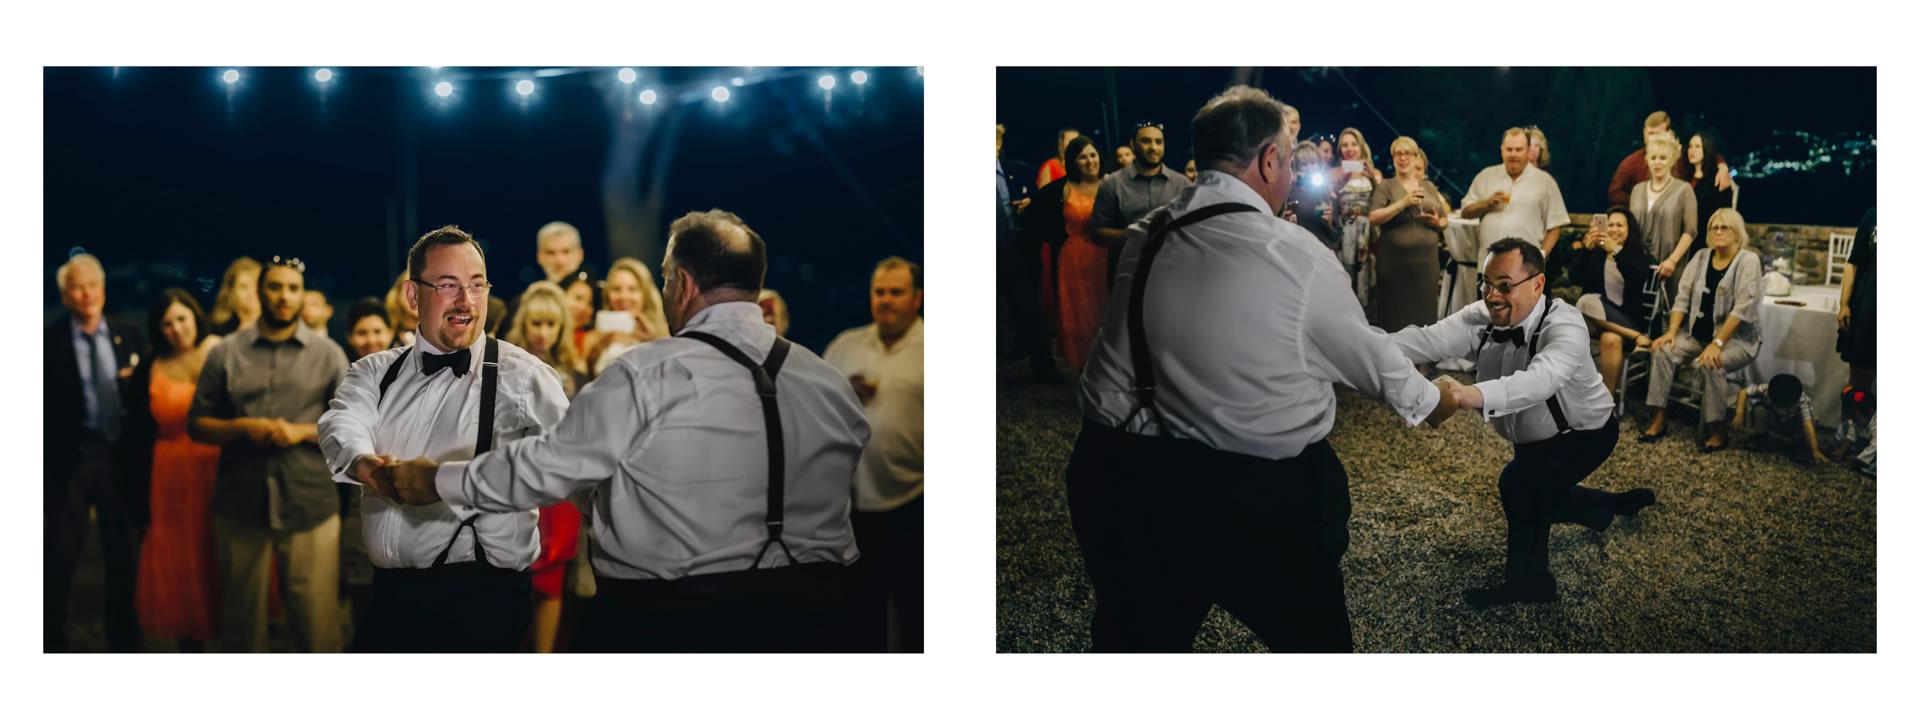 same-sex-love-in-portofino-david-bastianoni-photographer-00034 - 34 :: Wedding in Portofino // WPPI 2018 // The man that I love :: Luxury wedding photography - 33 :: same-sex-love-in-portofino-david-bastianoni-photographer-00034 - 34